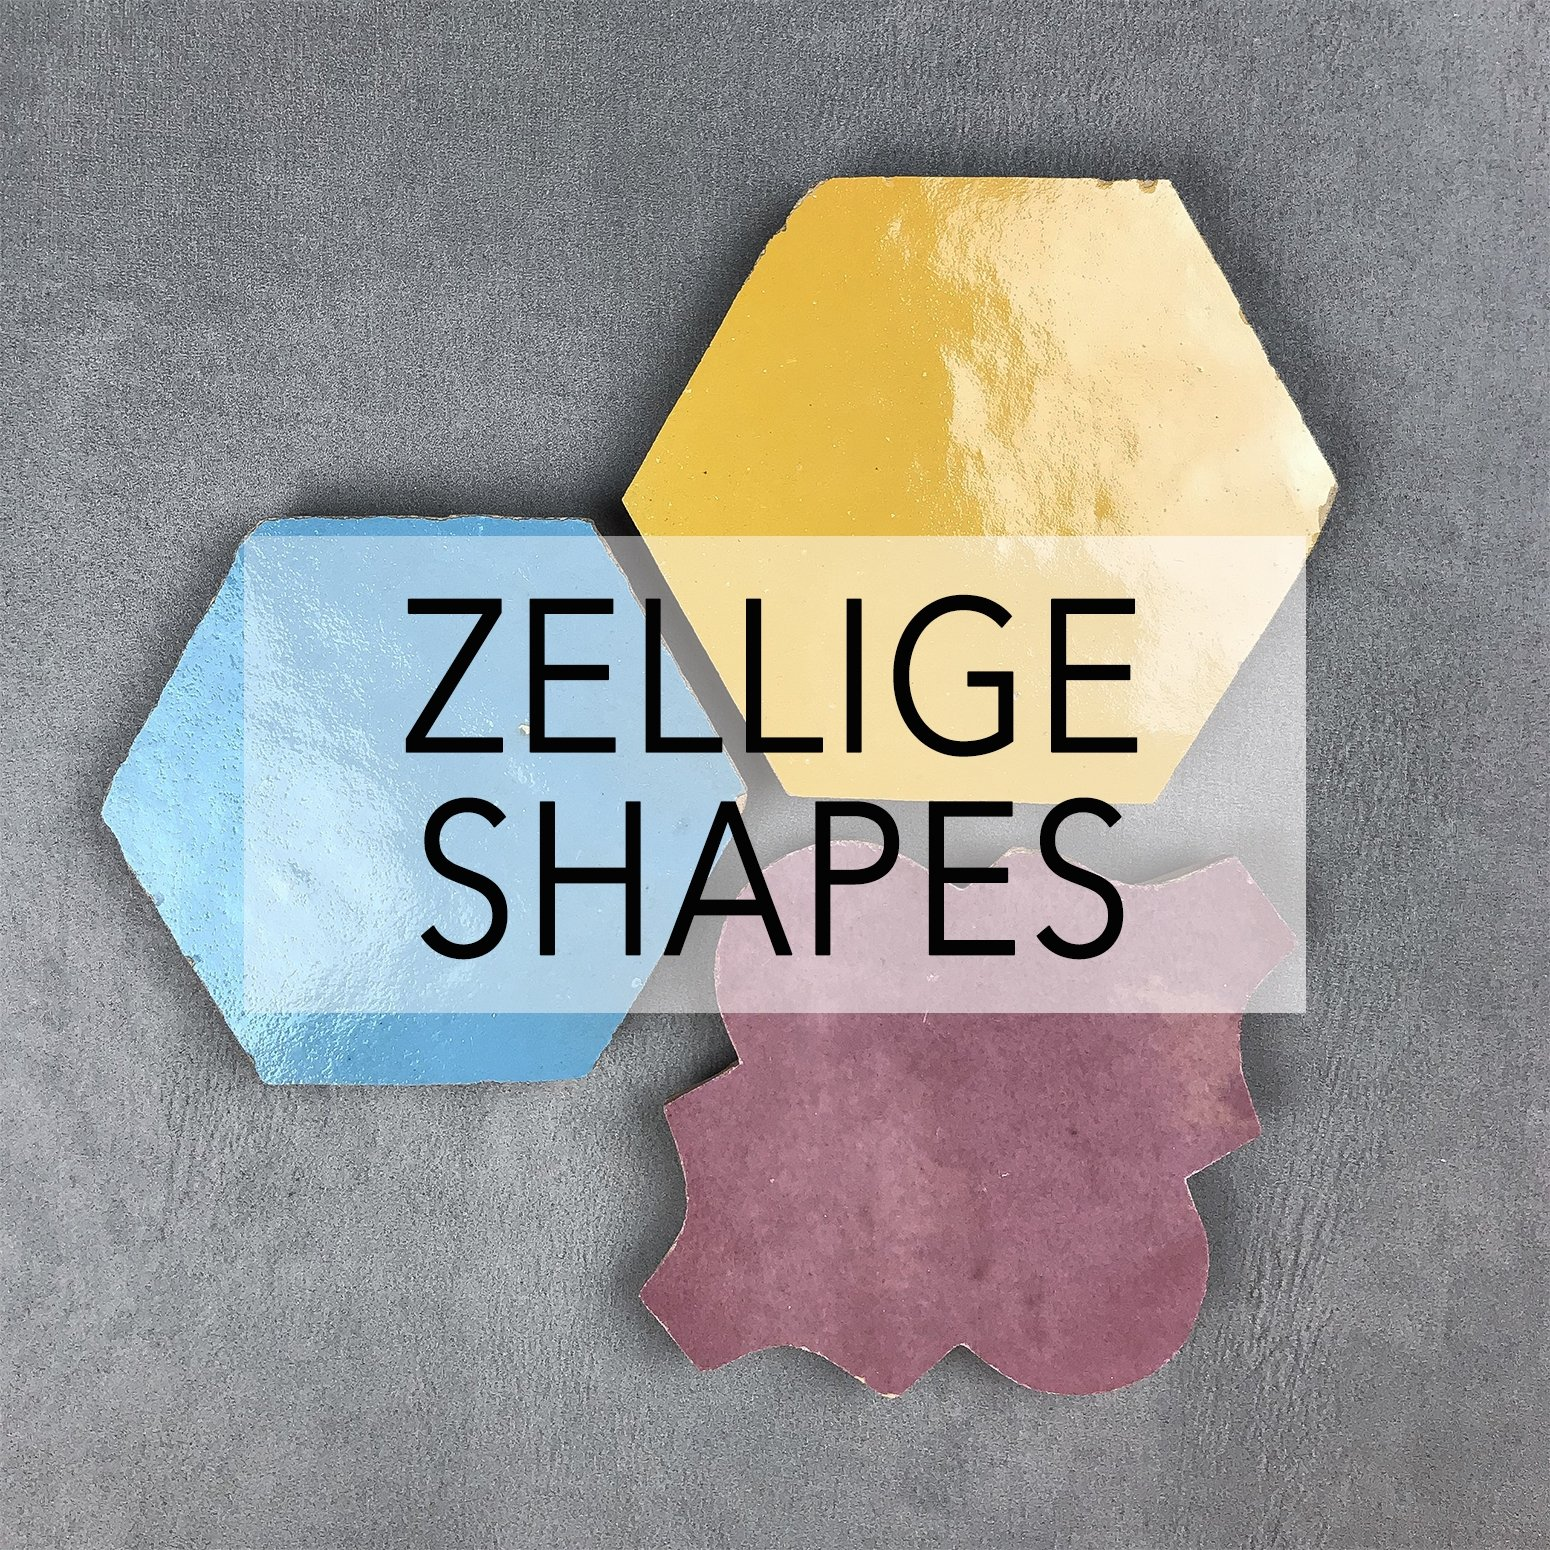 Zellige Shapes Tiles